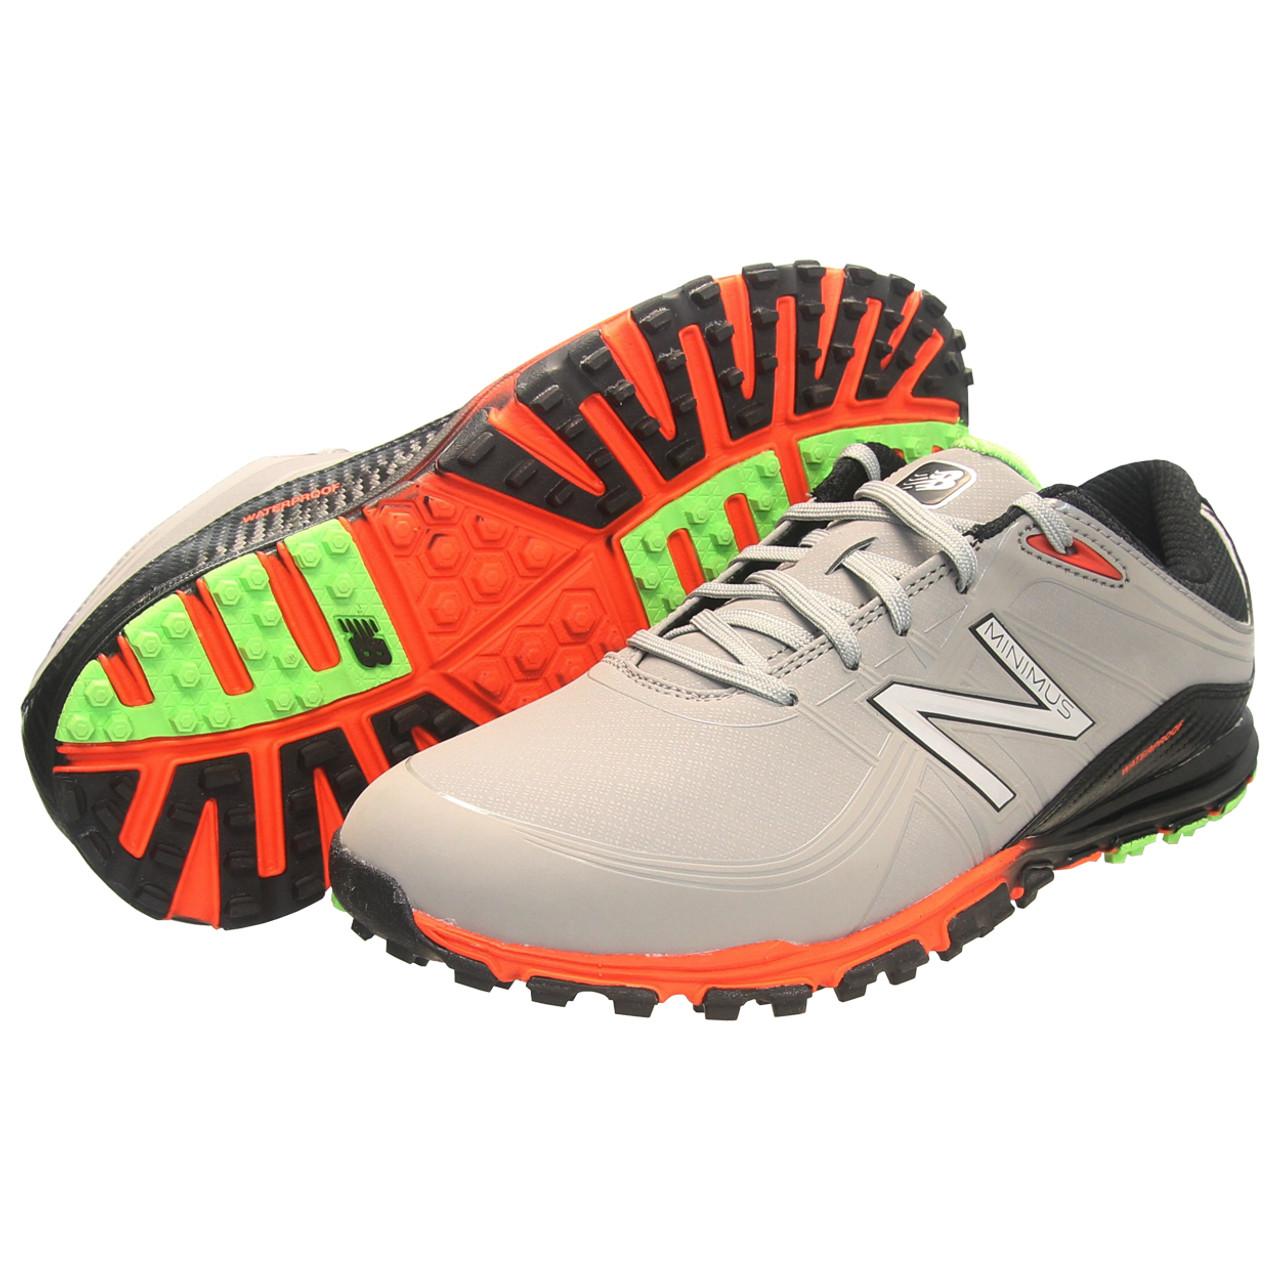 neueste Kollektion große Auswahl genießen Sie besten Preis New Balance NBG1005 Minimus Spikeless Men's Golf Shoe